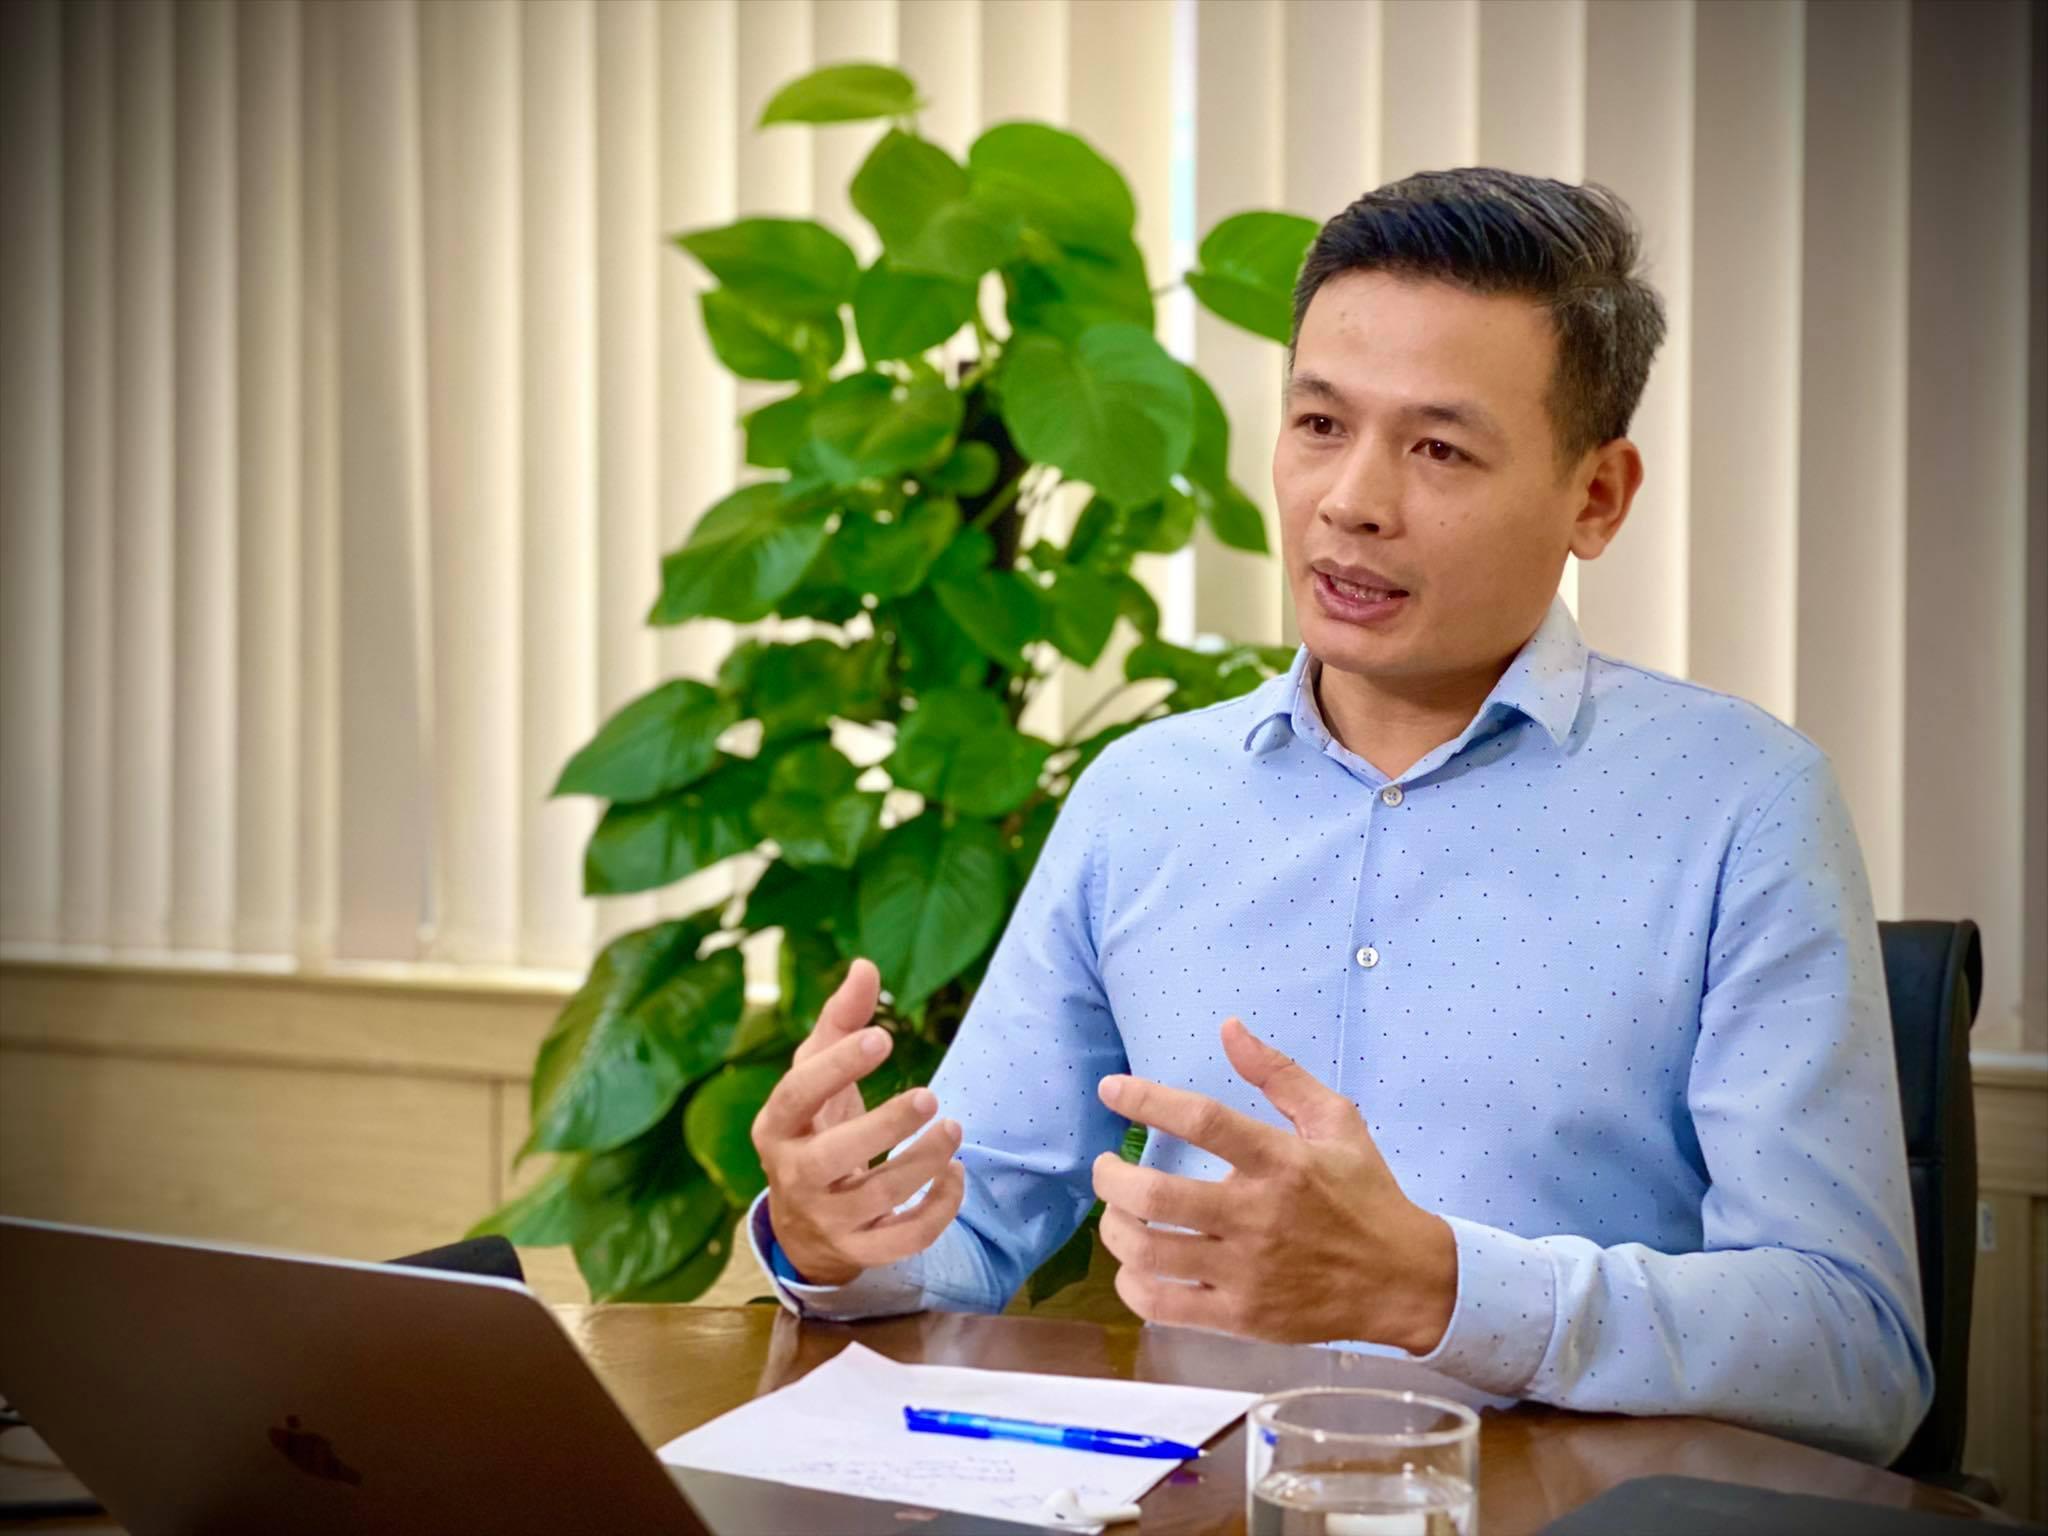 Ông Vũ Anh Tú - Giám đốc công nghệ Tập đoàn FPT giới thiệu về sản phẩm eCovax, liệu pháp giúp doanh nghiệp vượt dịch.